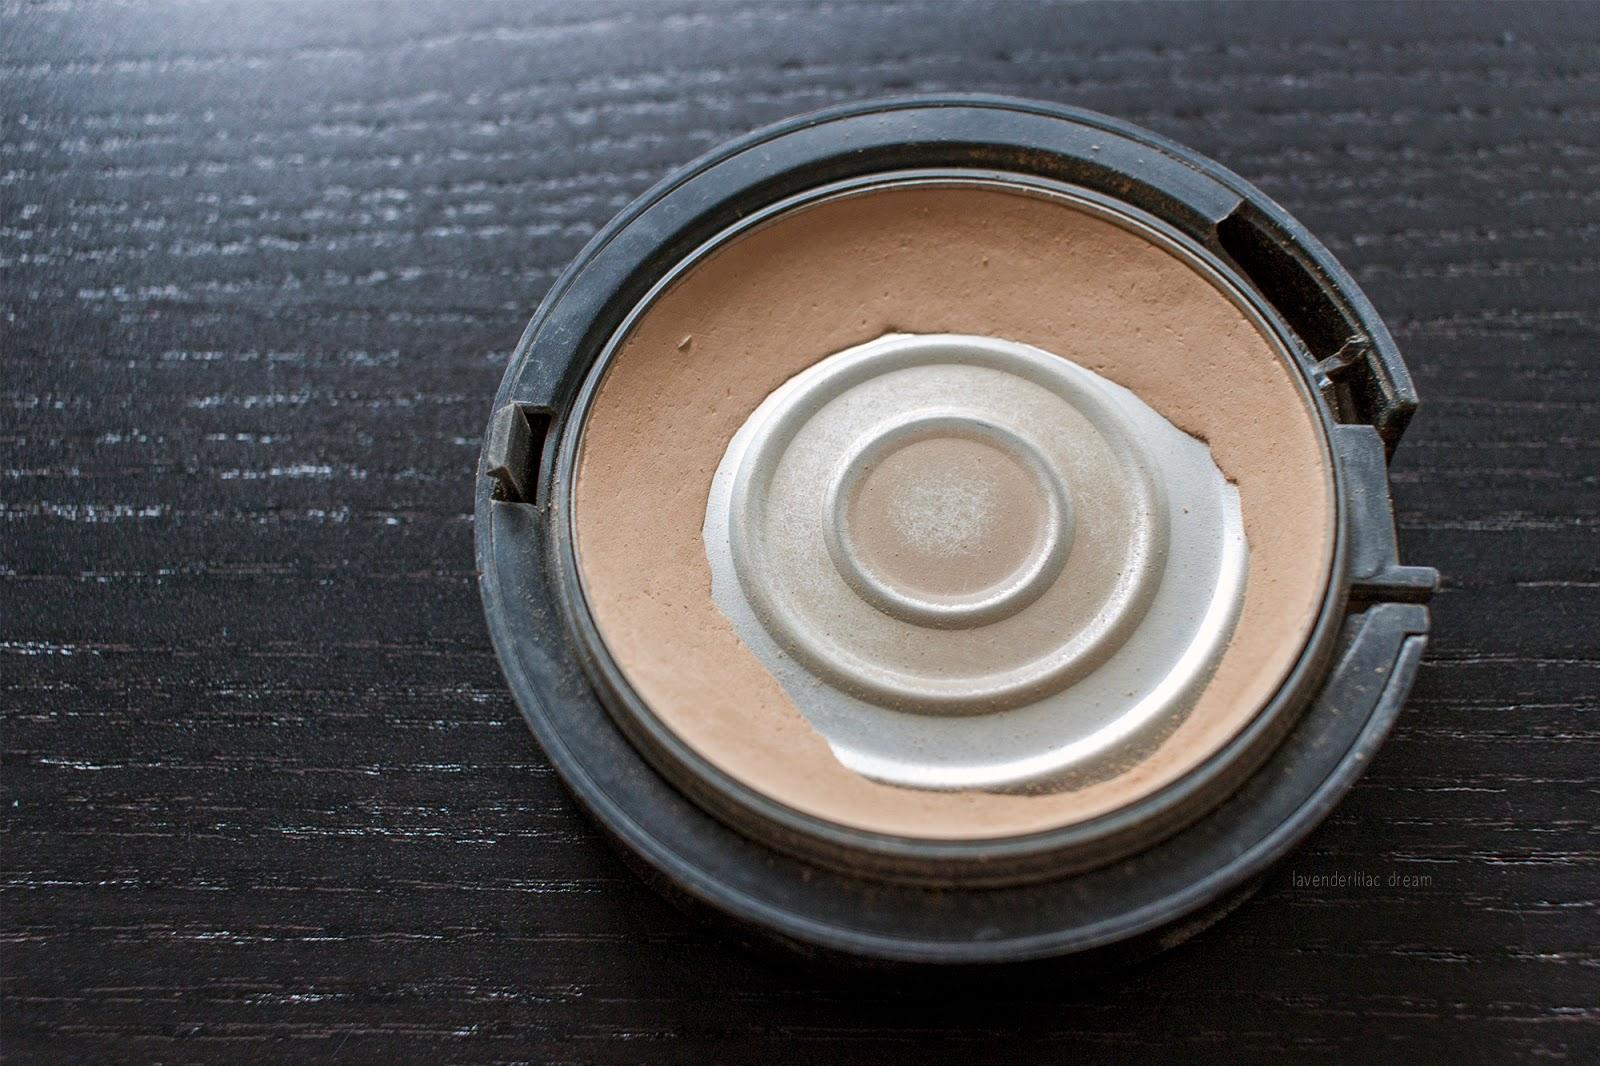 Mark Powder Buff Natural Skin Foundation, Project Make a Dent half way results